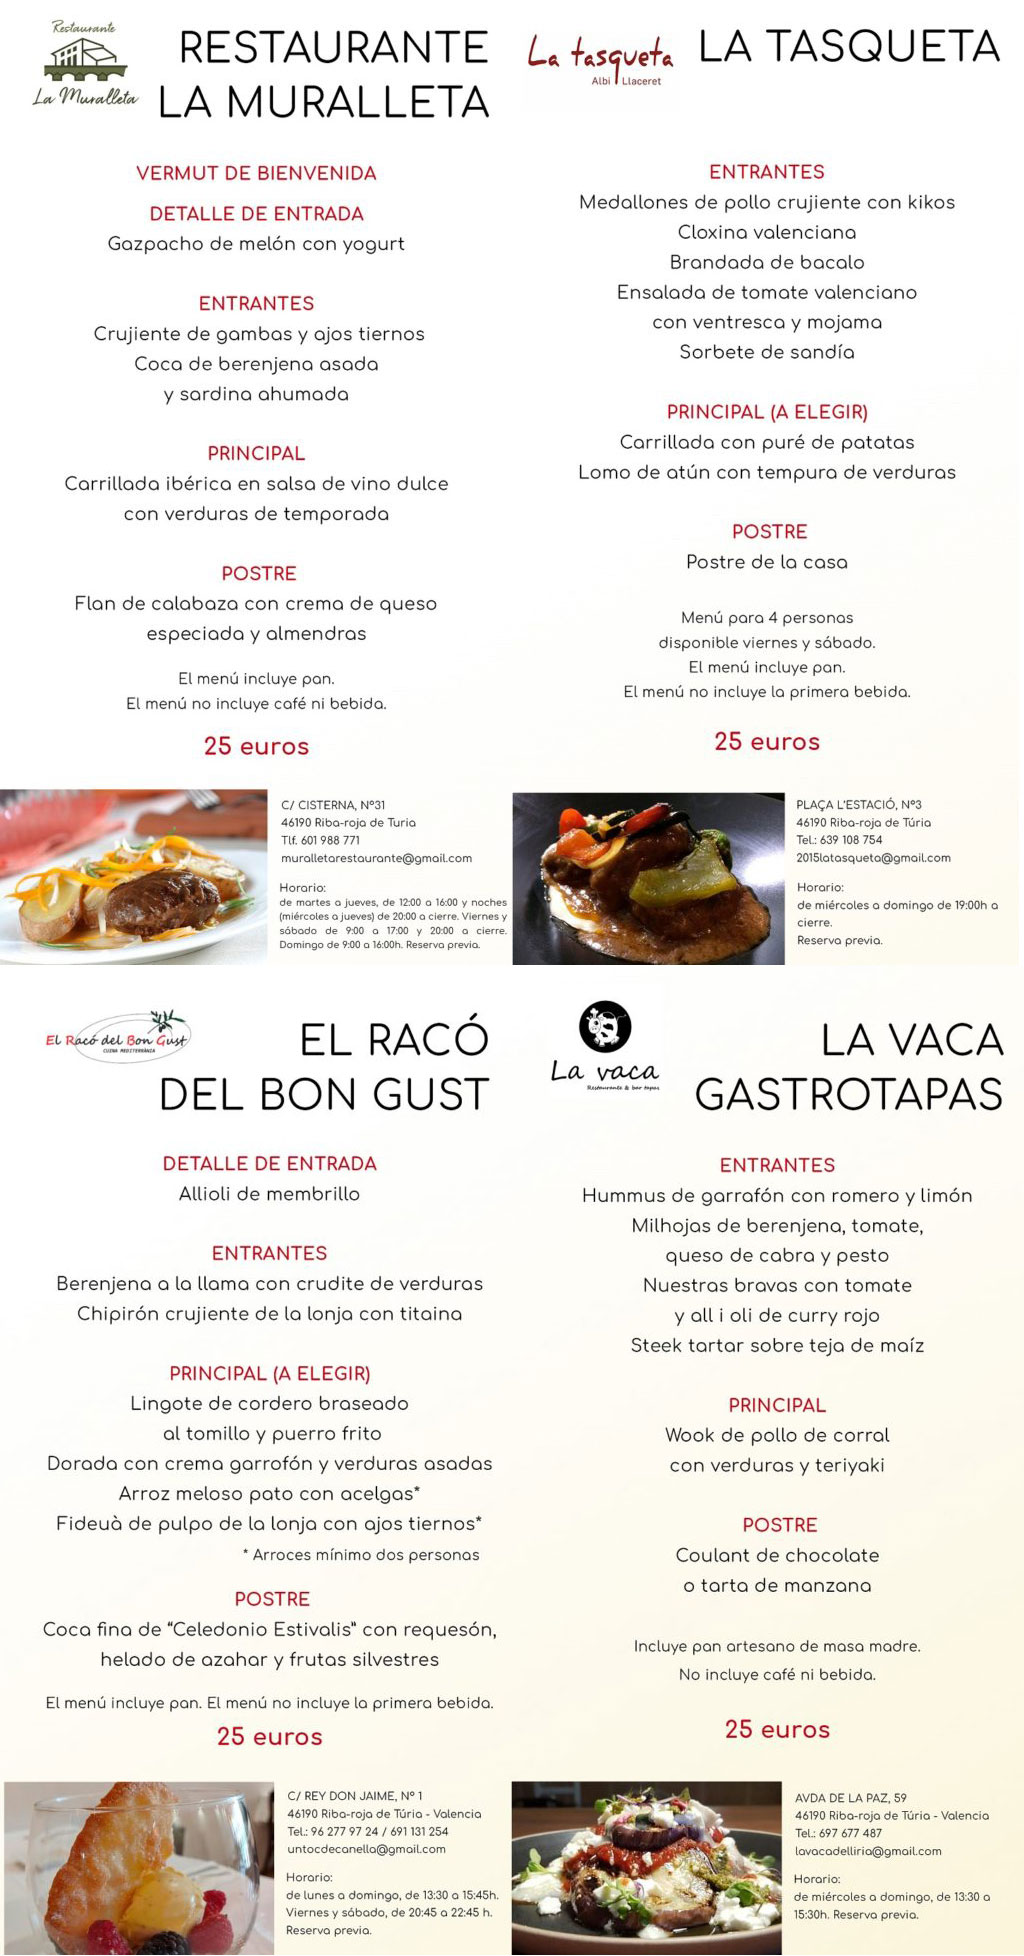 Jornadas Gastronómicas de Riba-roja de Túria 2020: programa